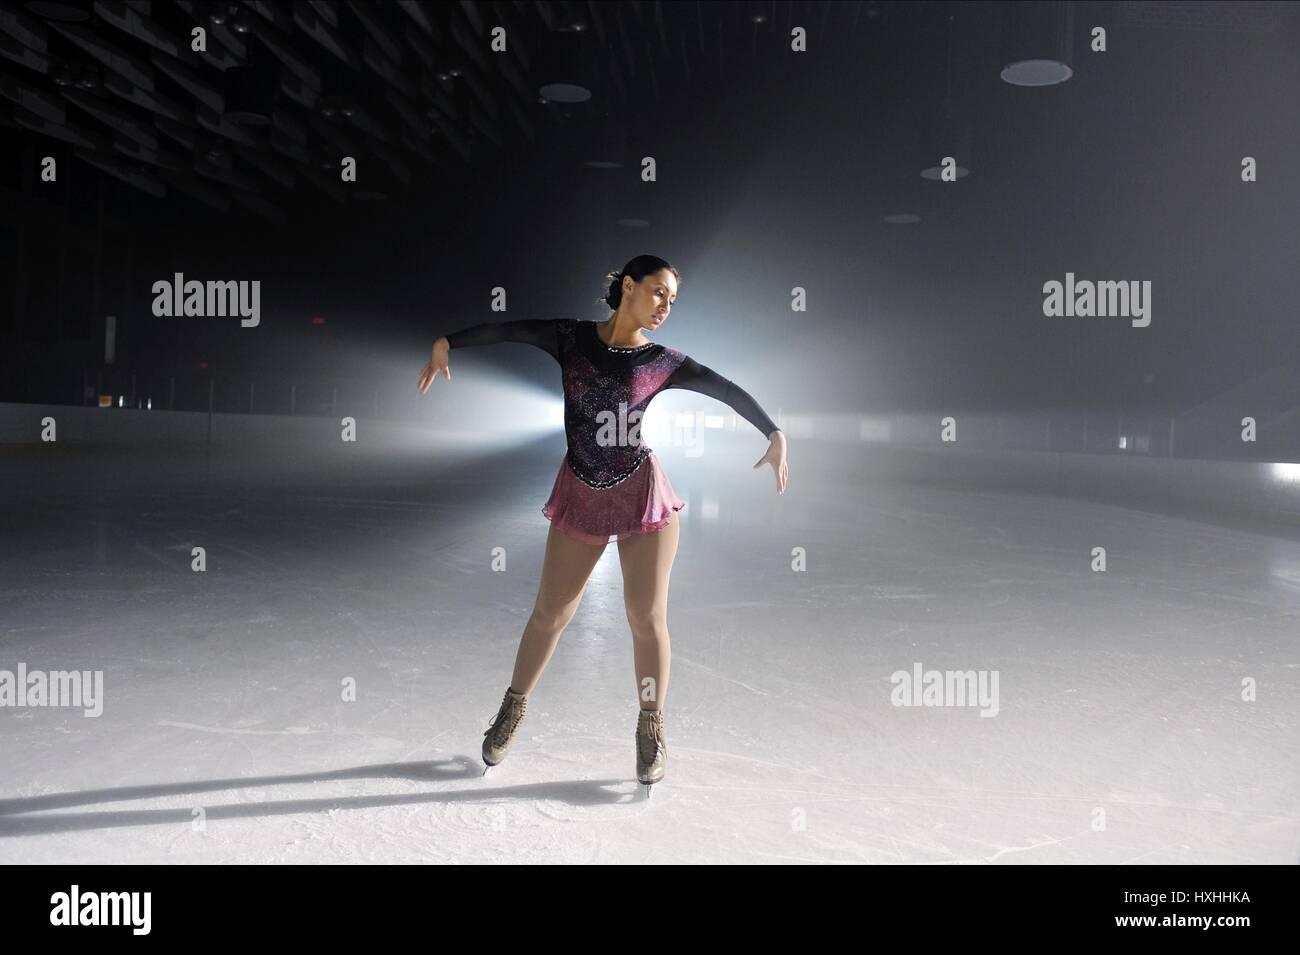 FRANCIA RAISA il bordo di taglio: Fire & Ice (2010) Immagini Stock